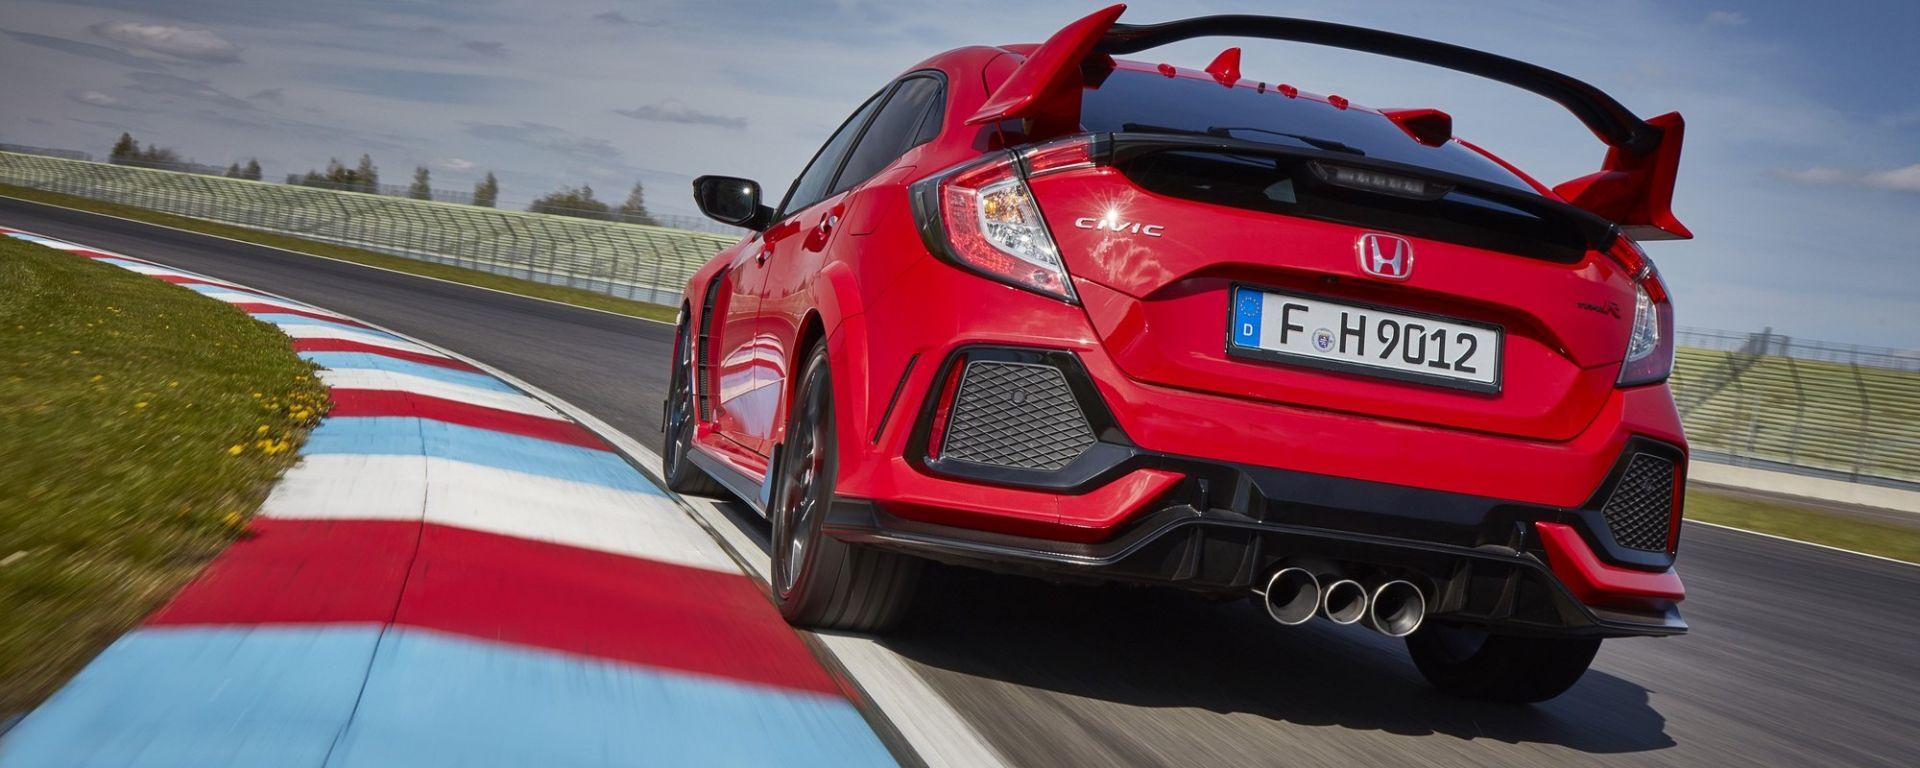 Honda Civic Type-R 2017: il posteriore